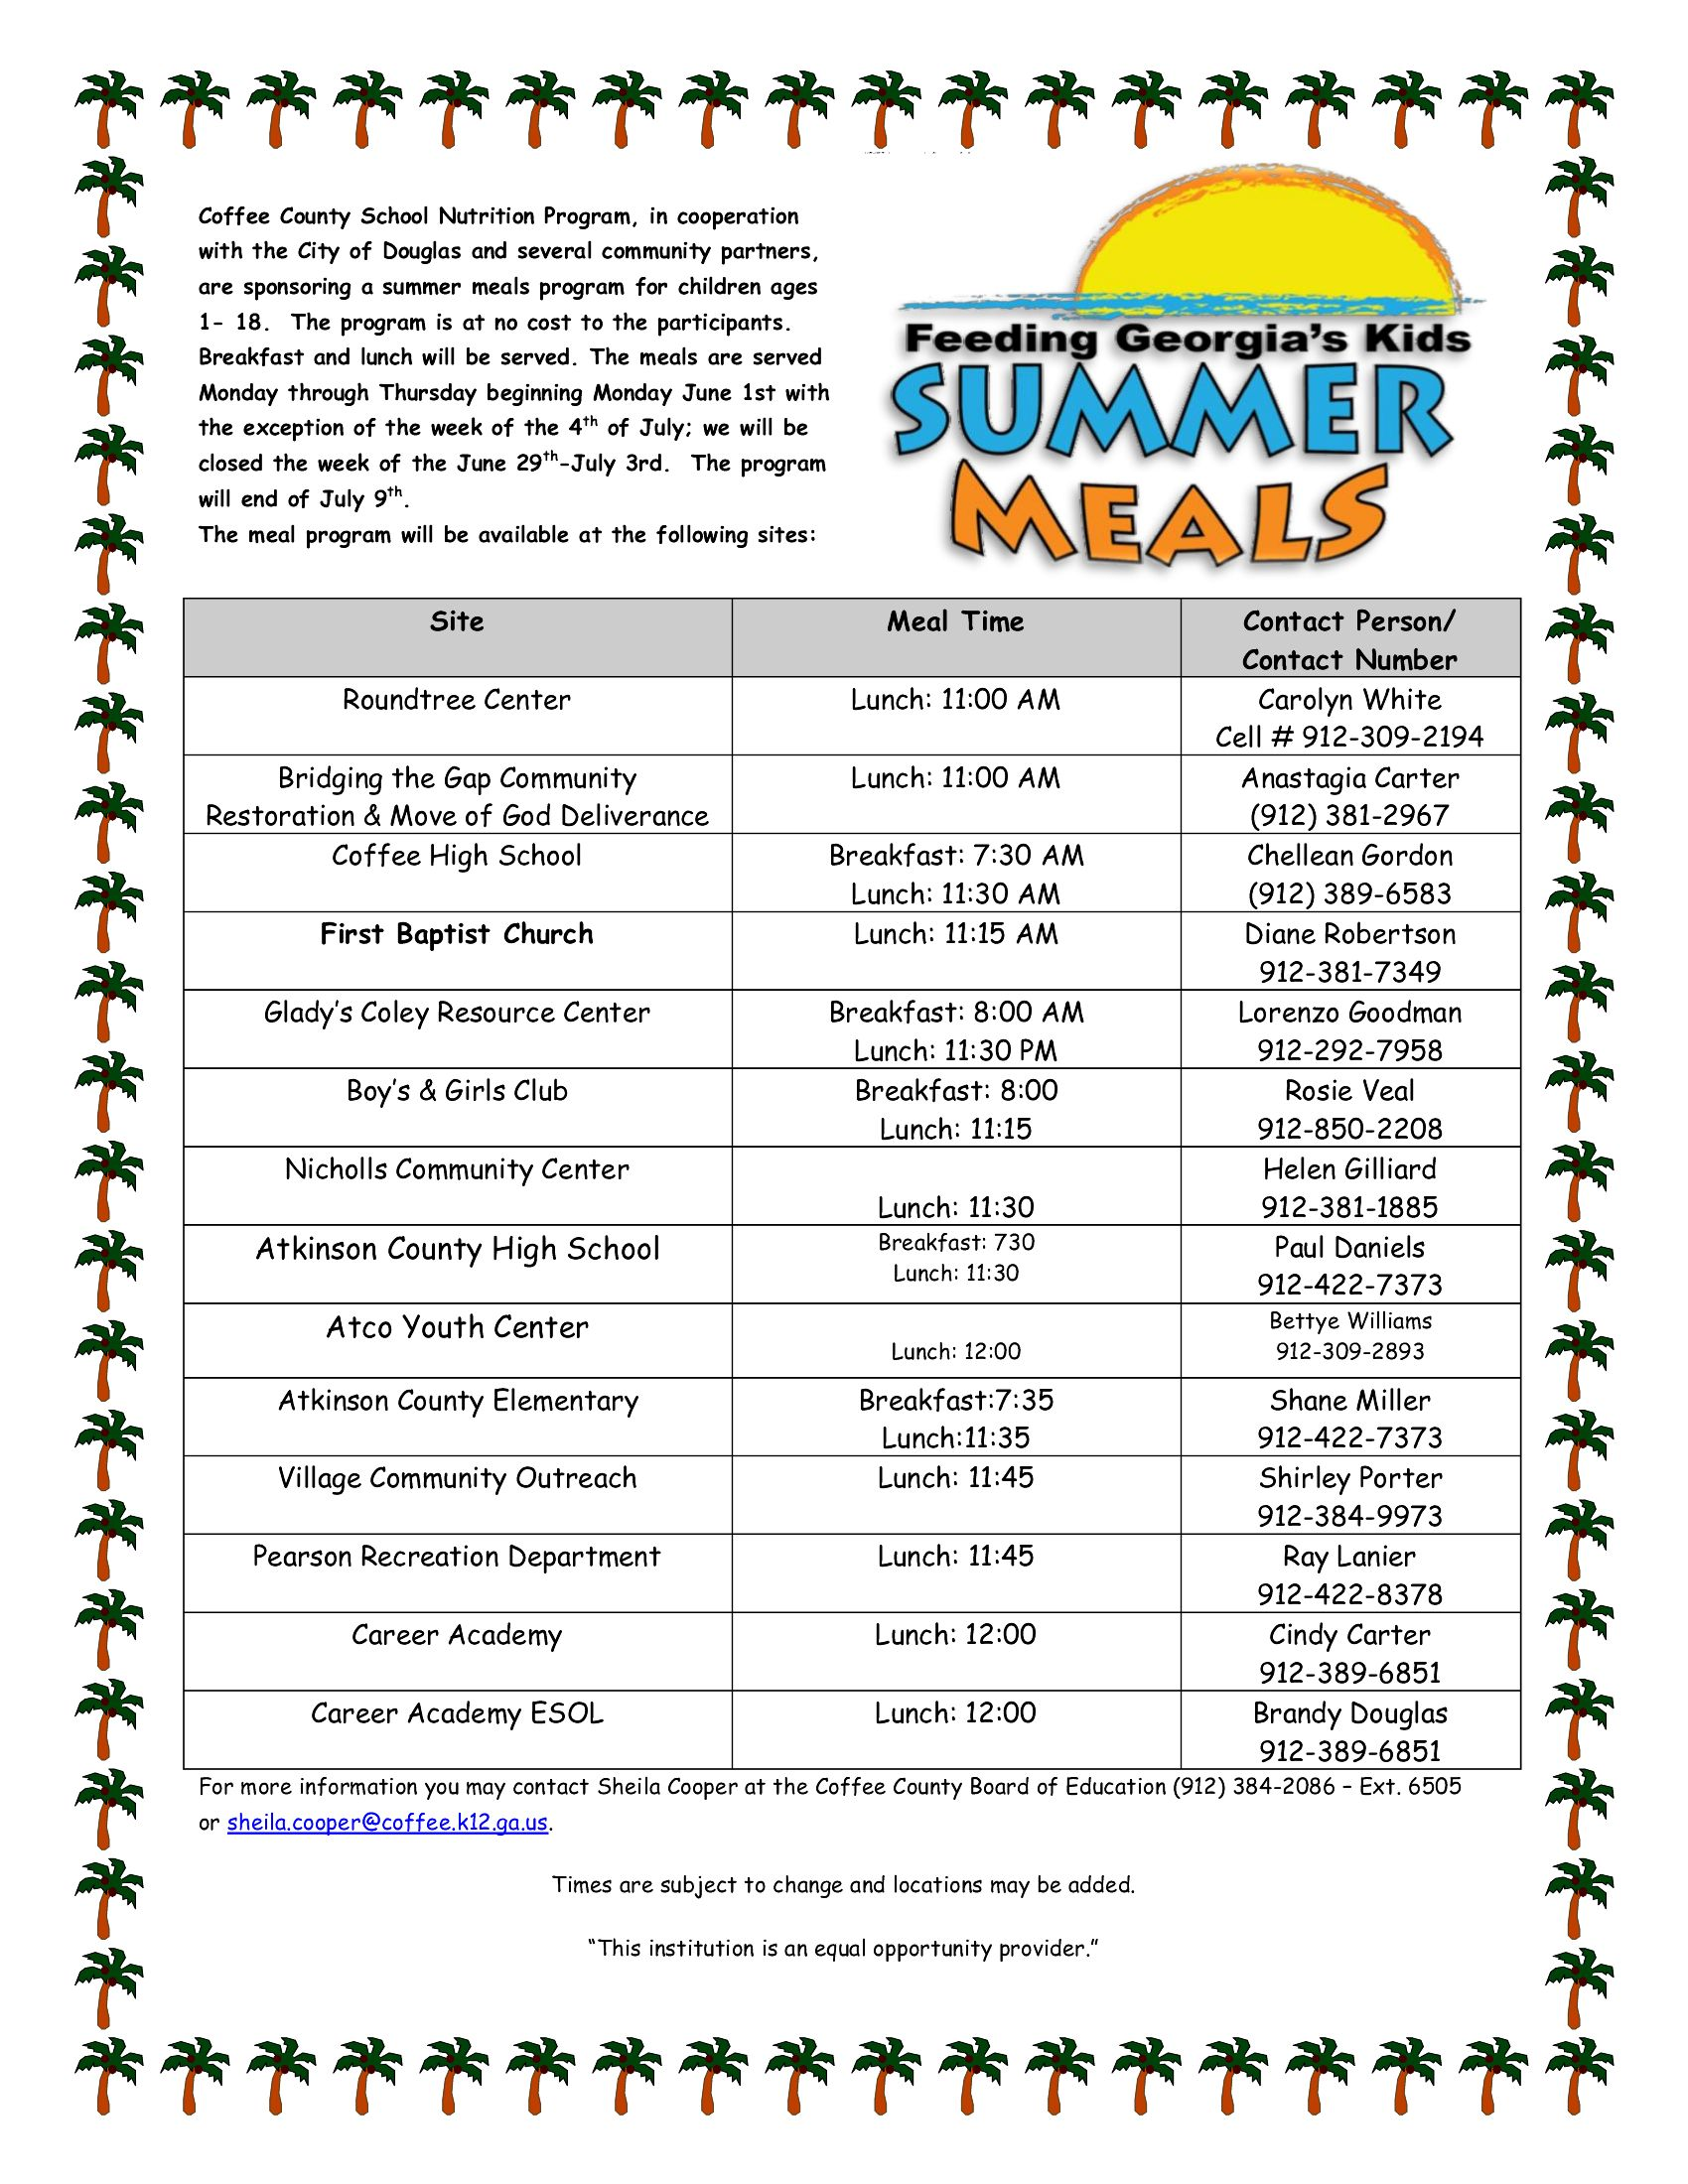 Summer Meals 2015